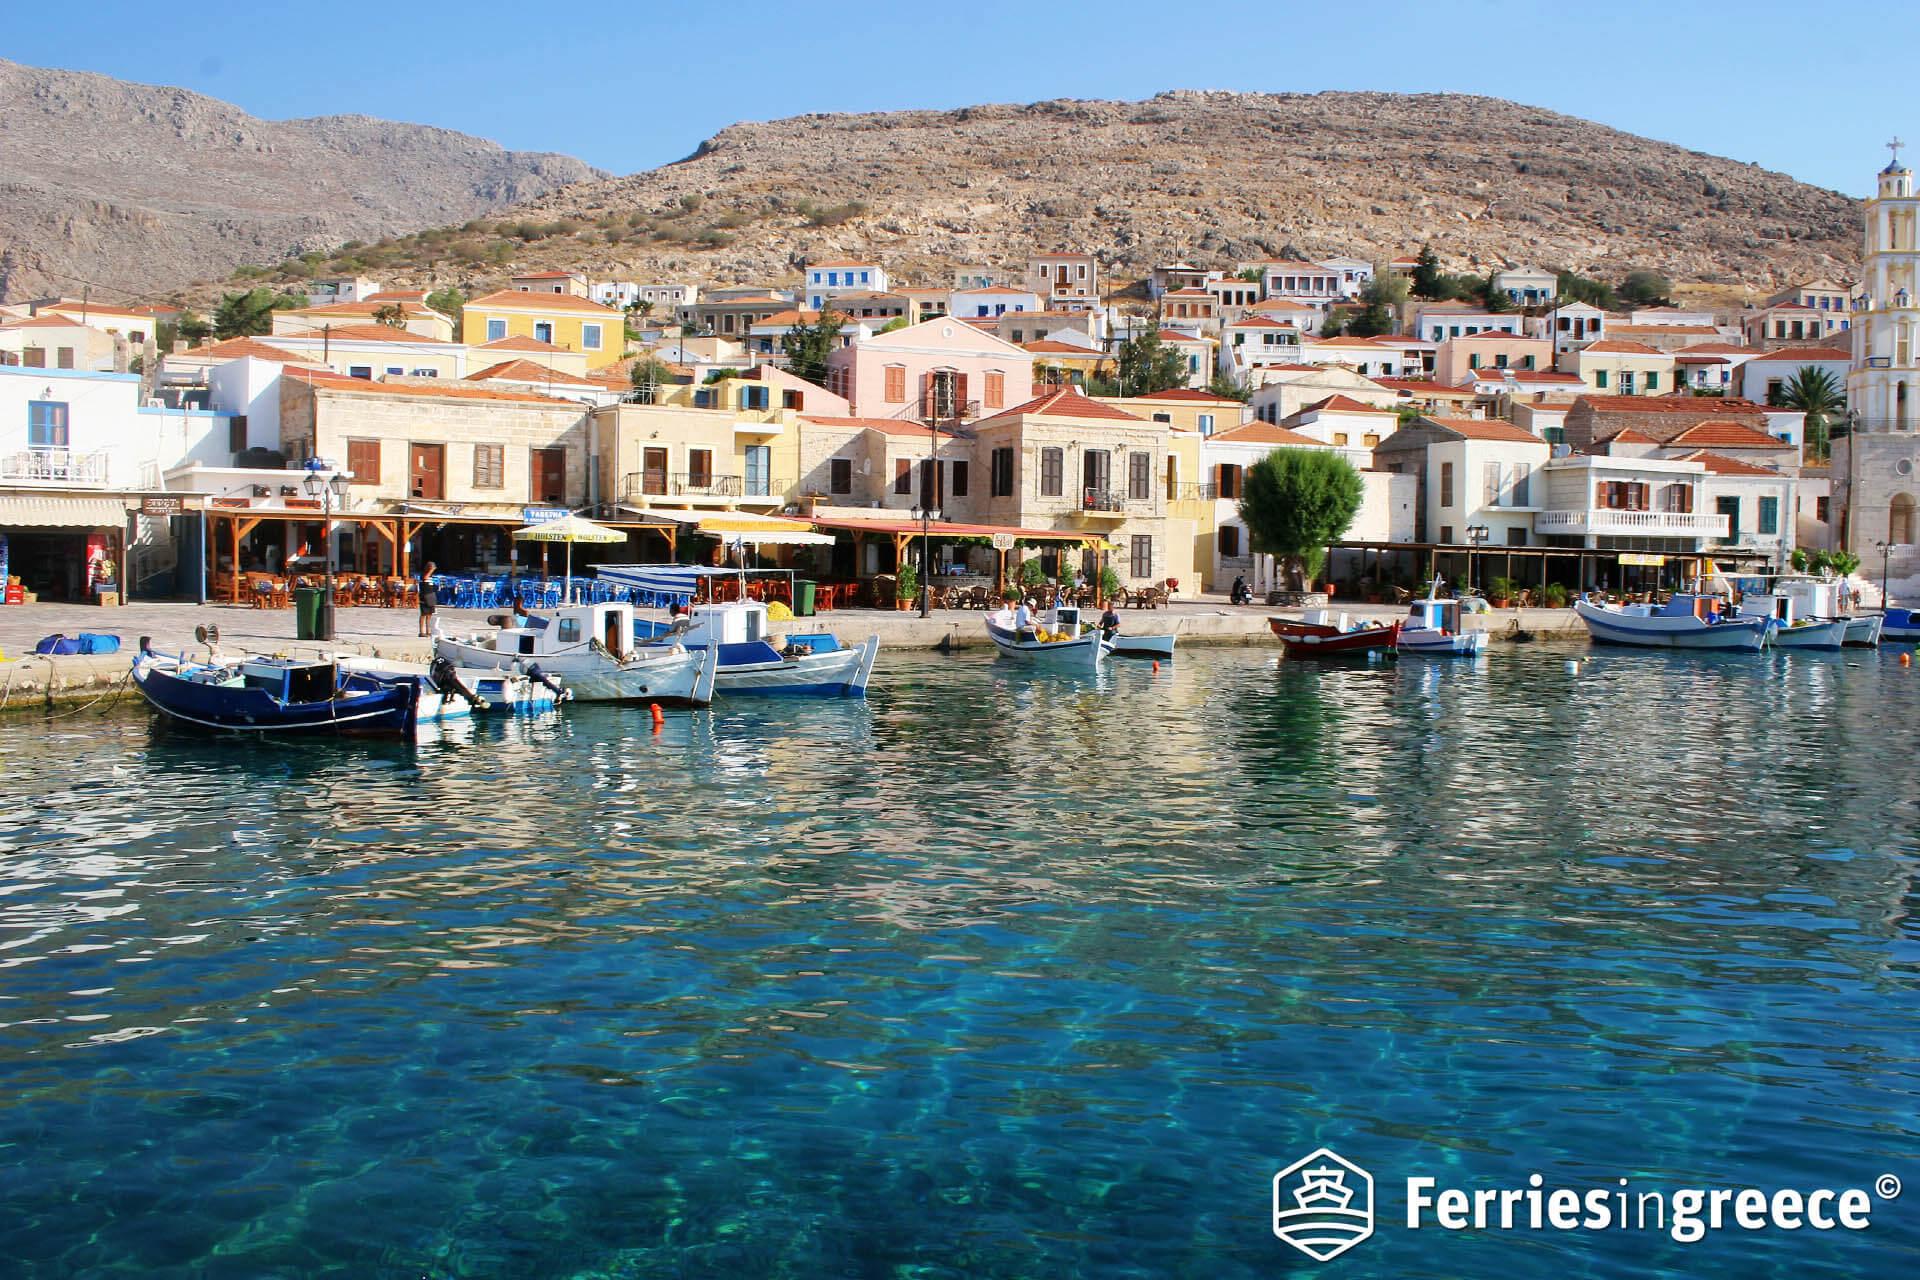 Ferry to Chalki - Ferriesingreece.com